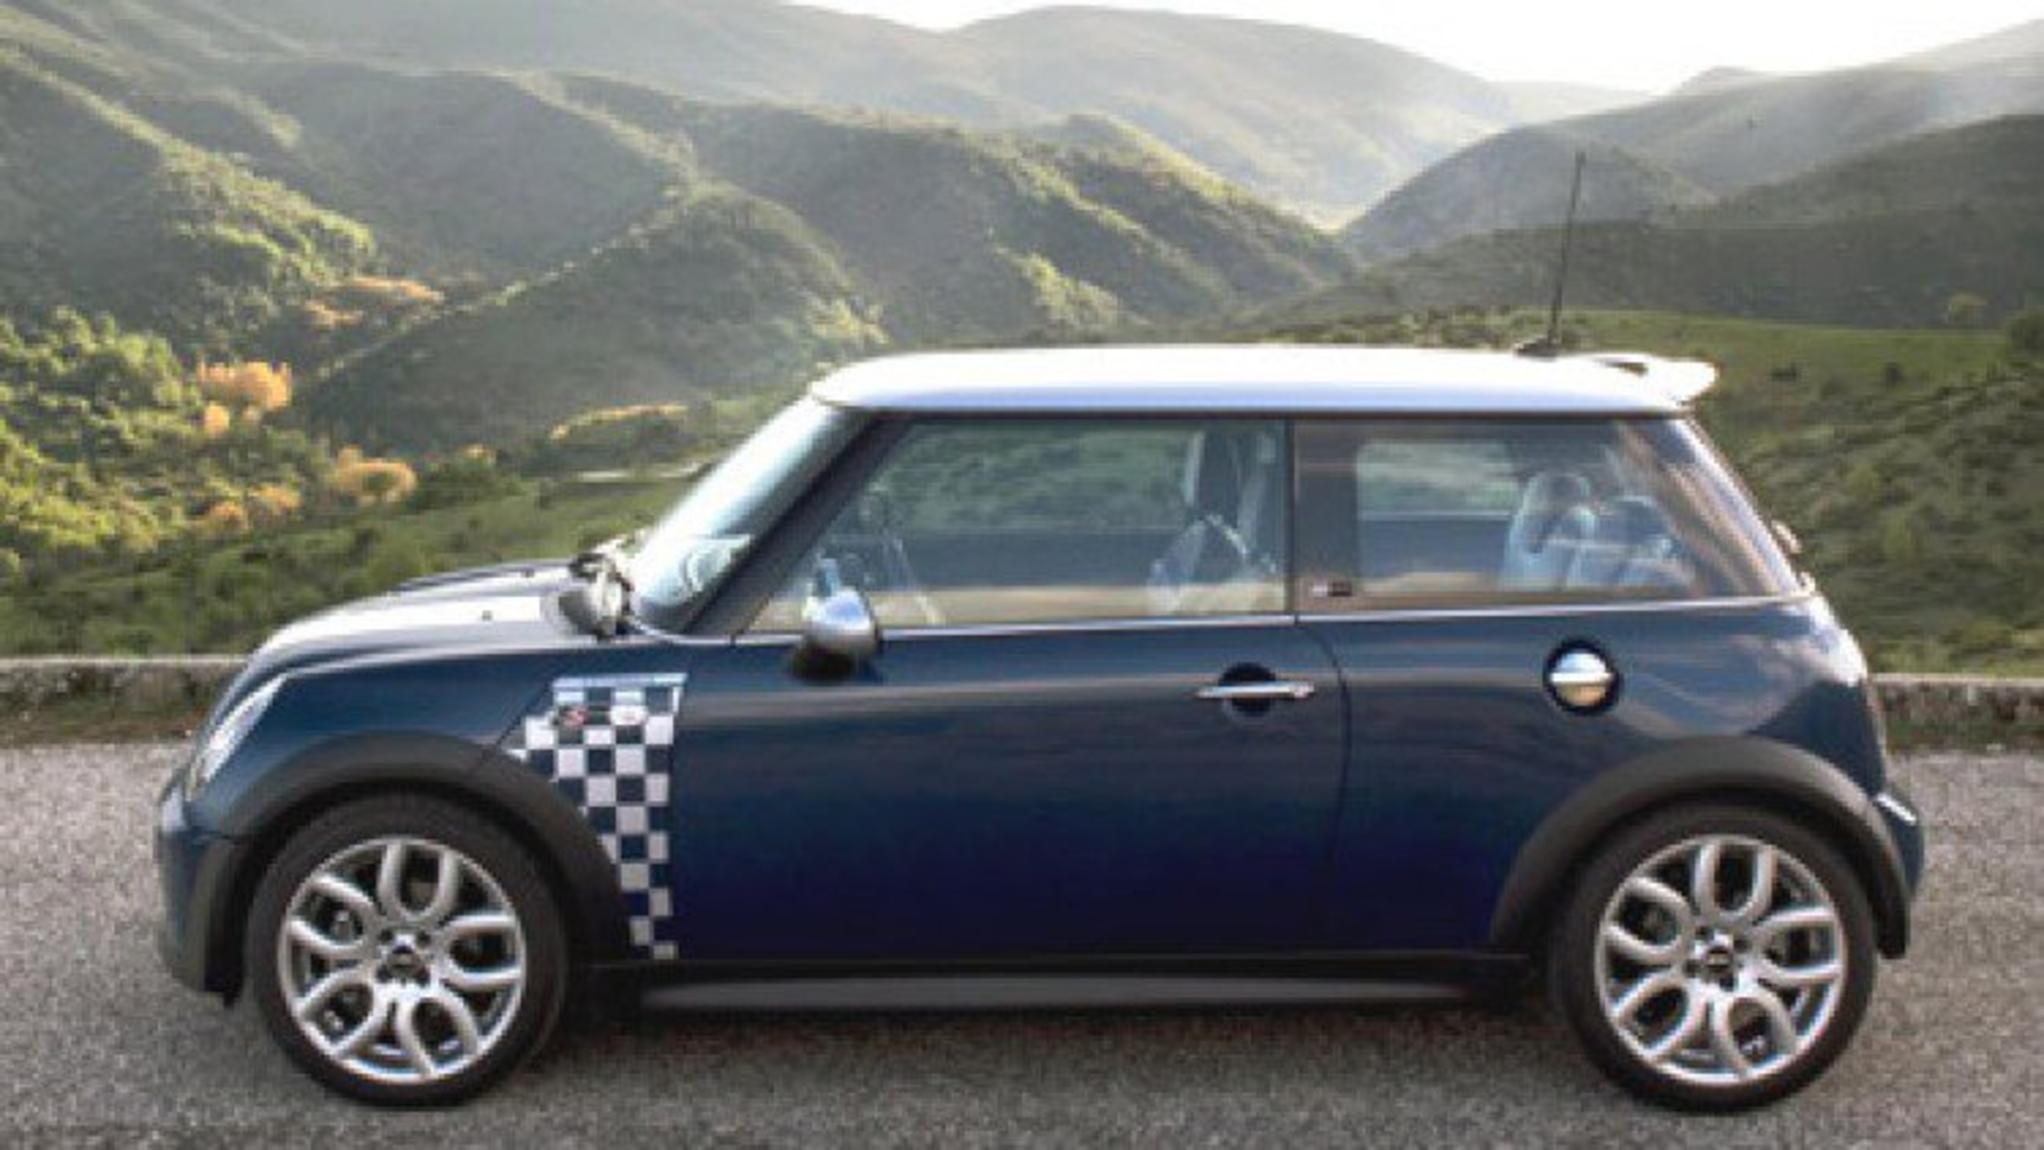 2005 MINI Cooper S Check Mate